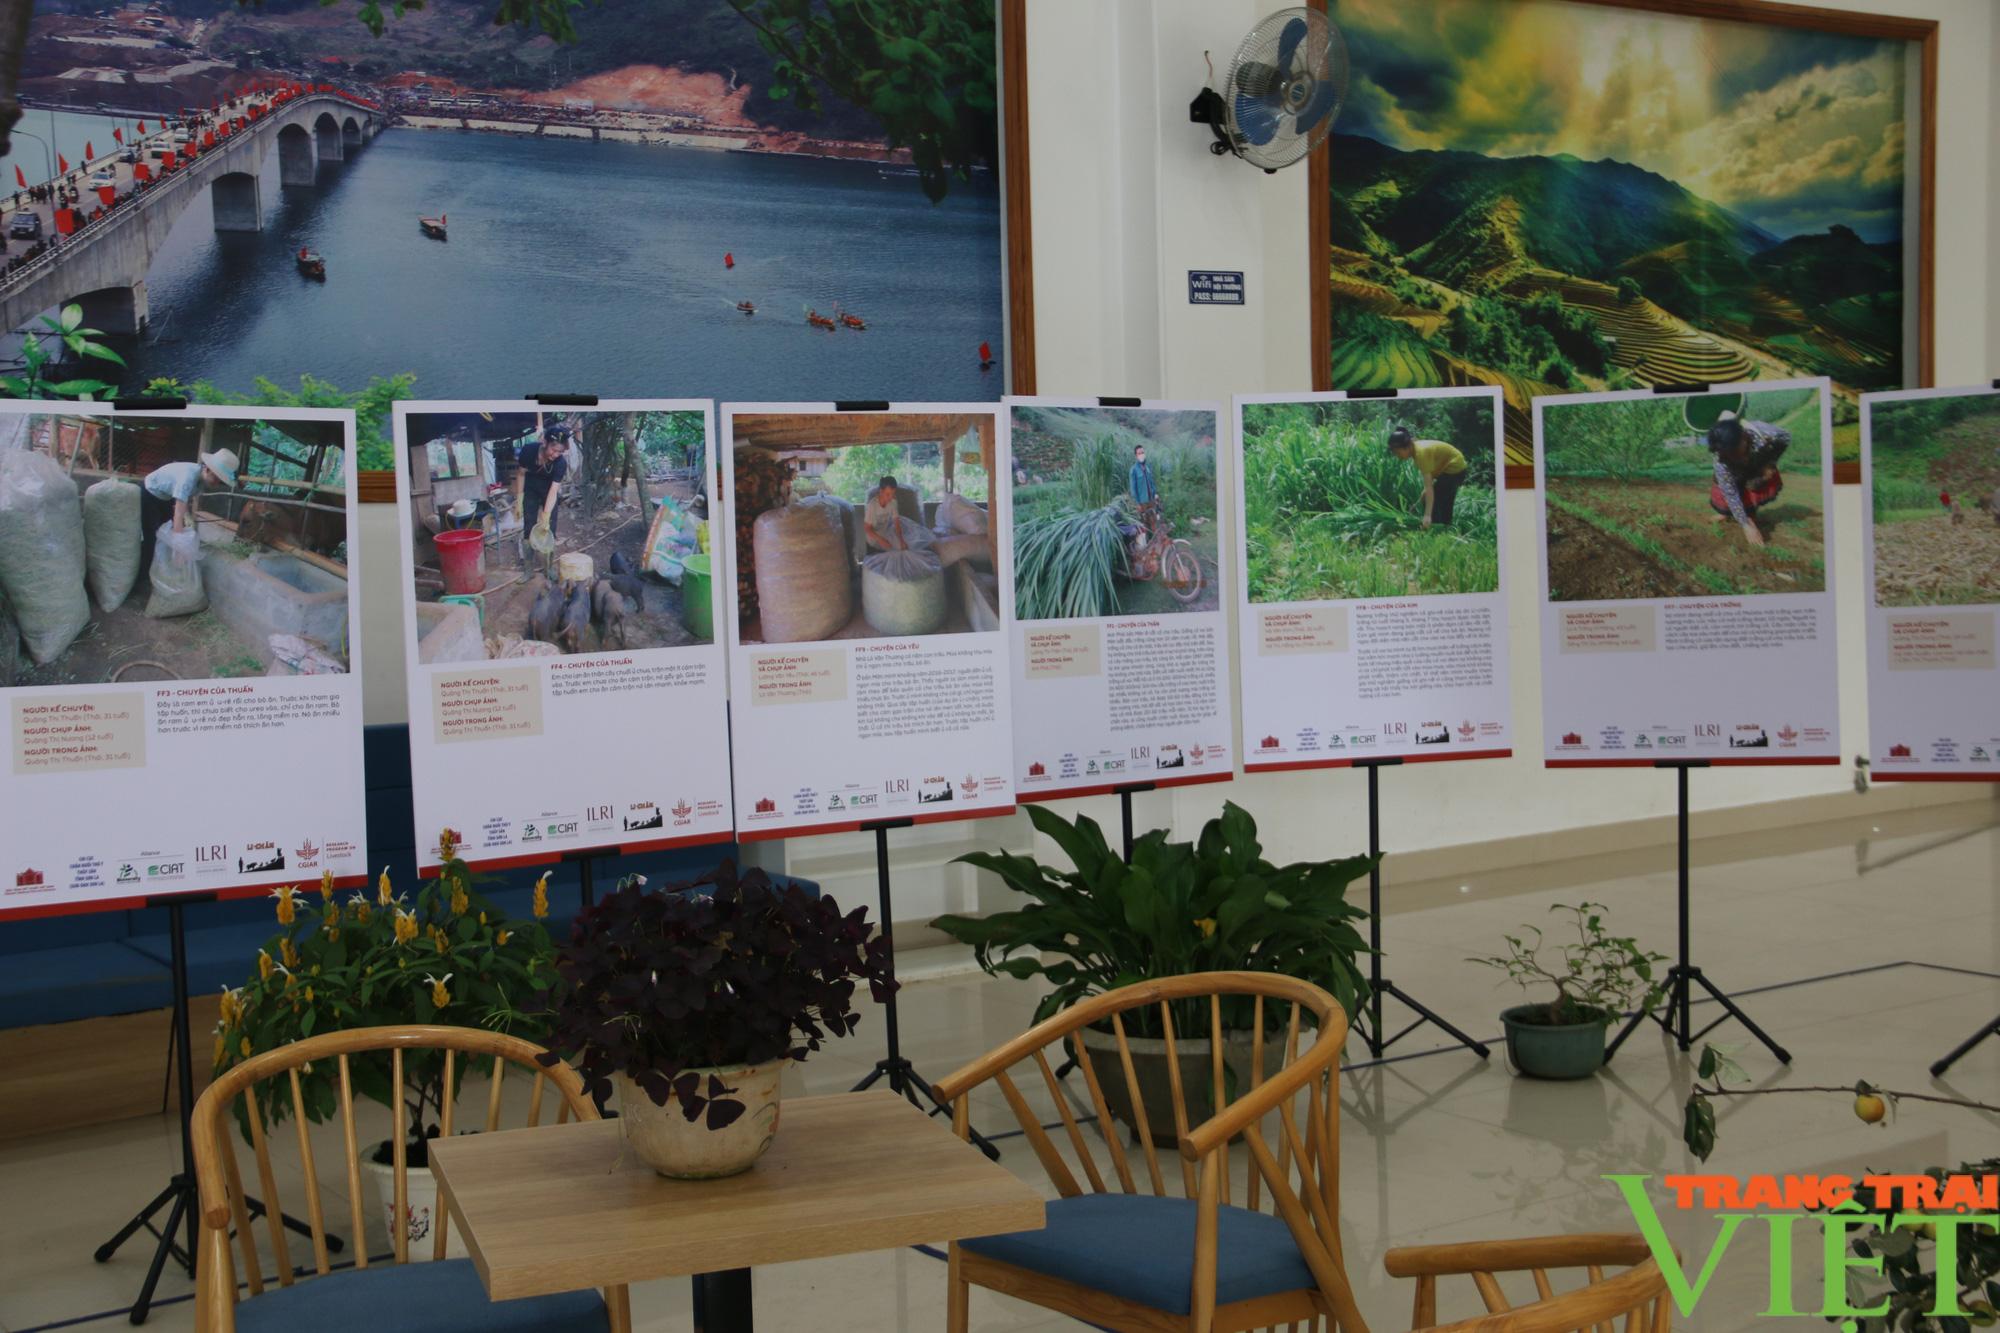 Khai mạc triển lãm chăn nuôi dưới góc nhìn của nghệ sĩ và nông dân  - Ảnh 4.